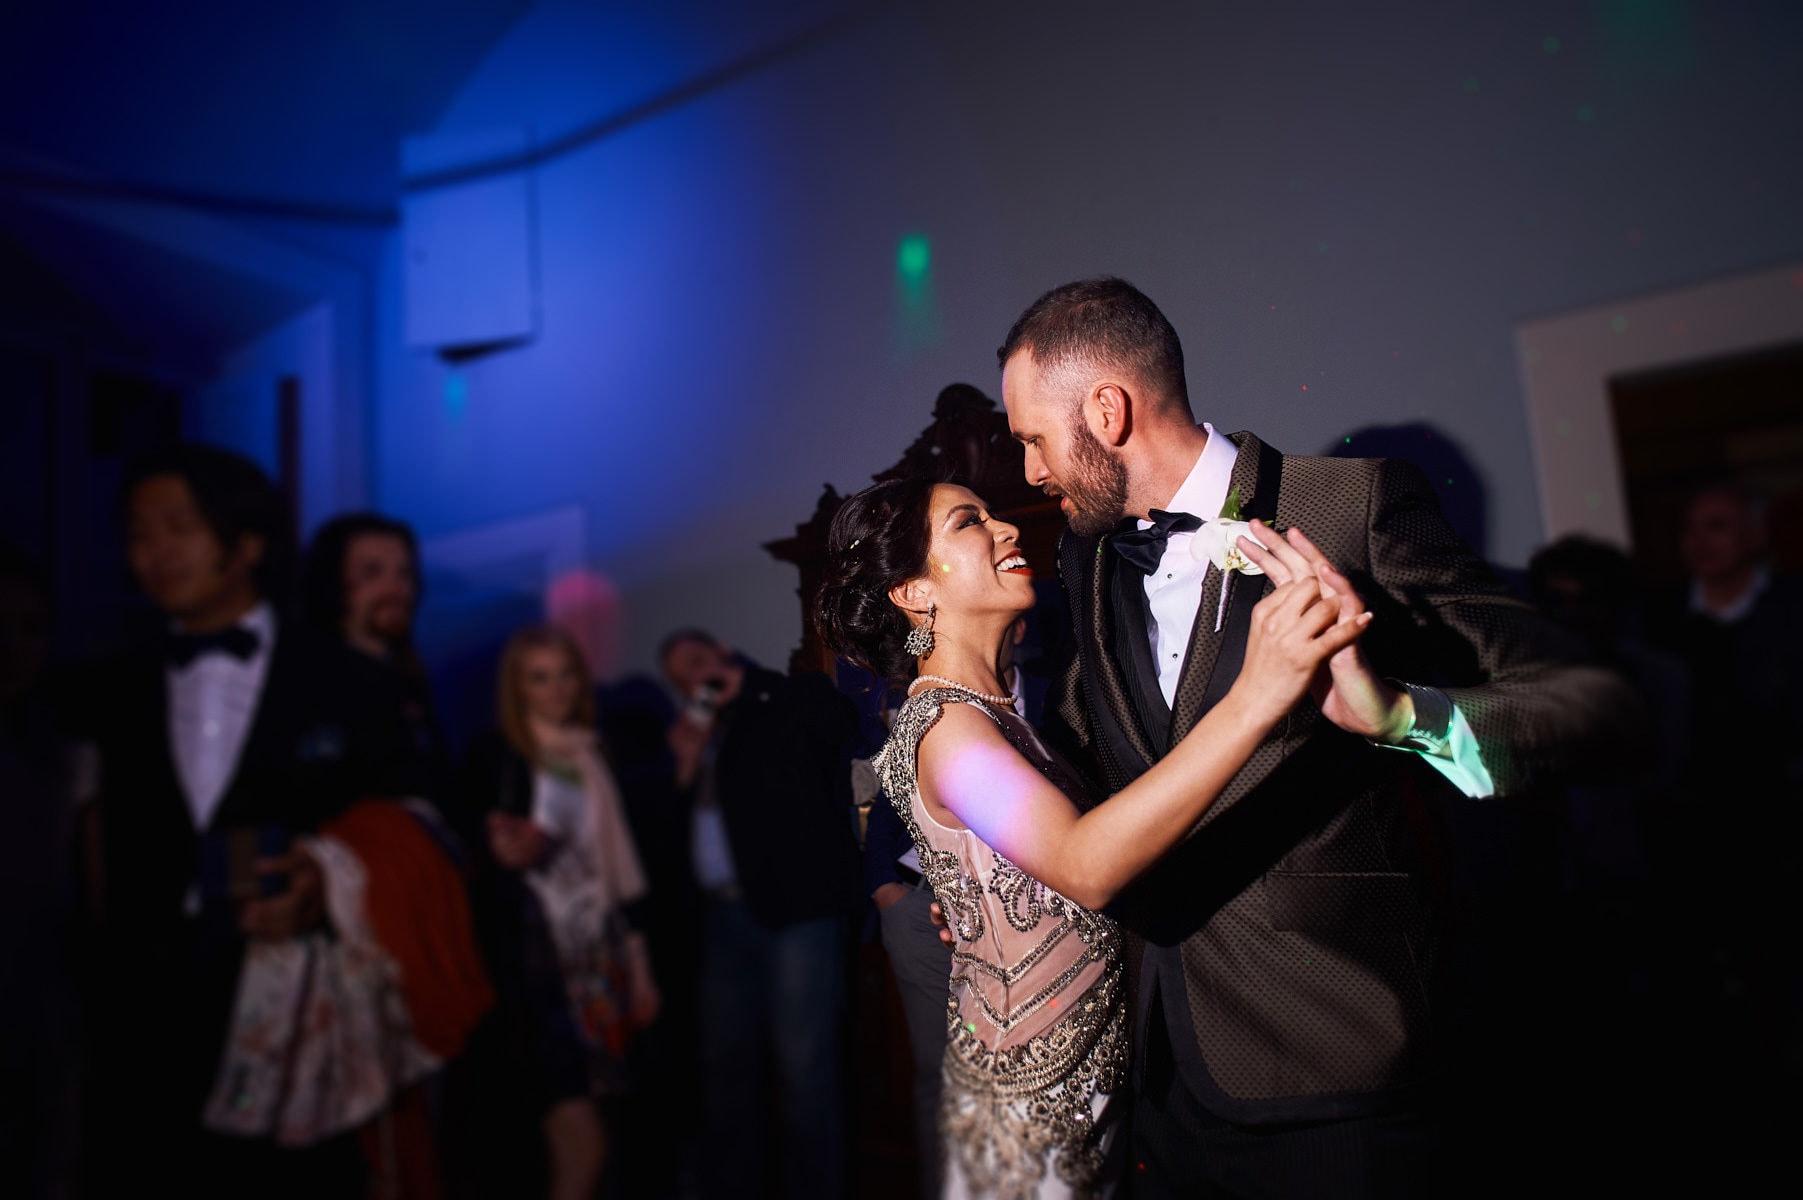 Matrimonio Di Lusso Toscana : Matrimonio di lusso al palazzo budini gattai a firenze